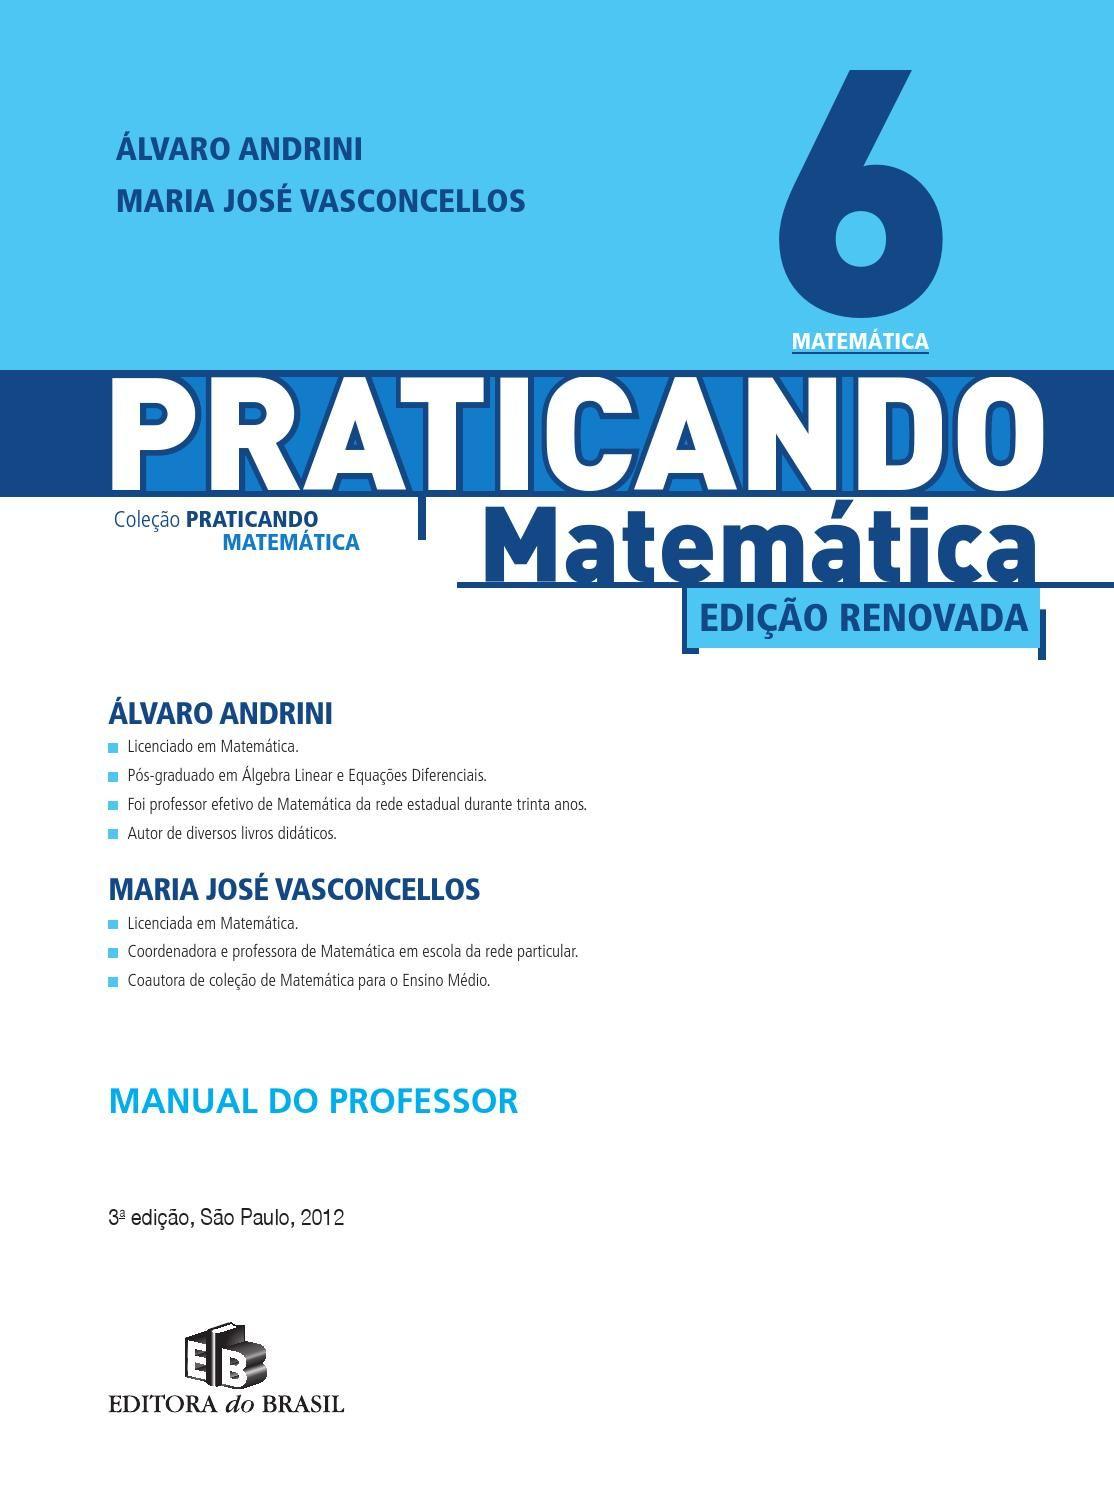 Praticando Matematica 6ano Em 2020 Com Imagens Cadernos De